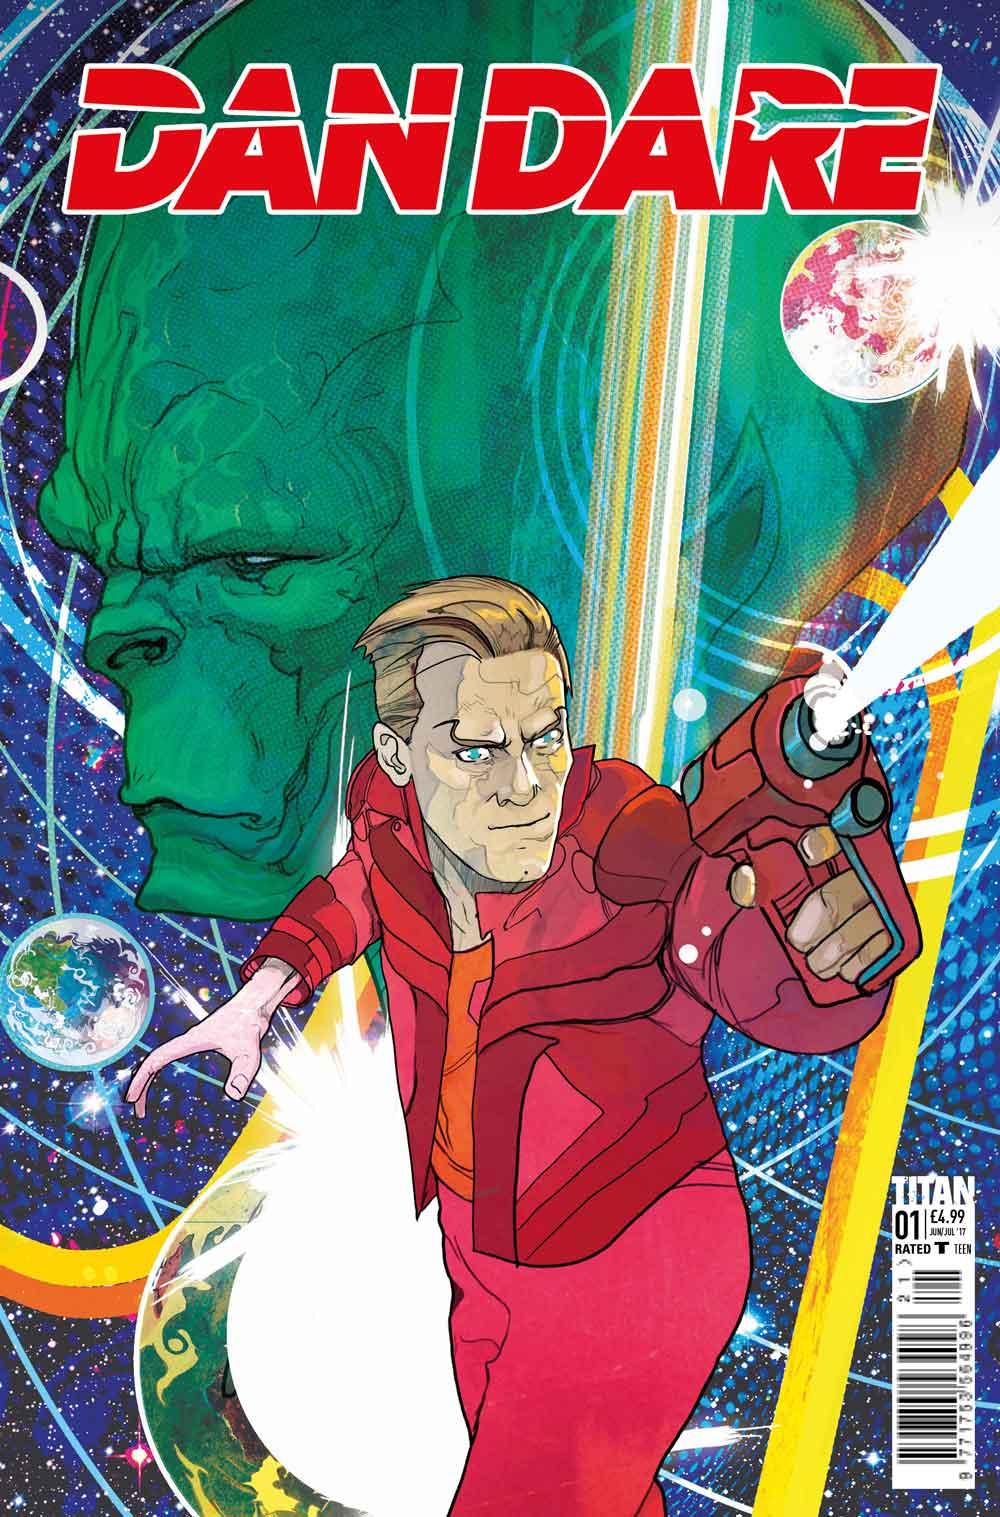 Dan Dare Returns To Comics With Writer Peter MIlligan ...